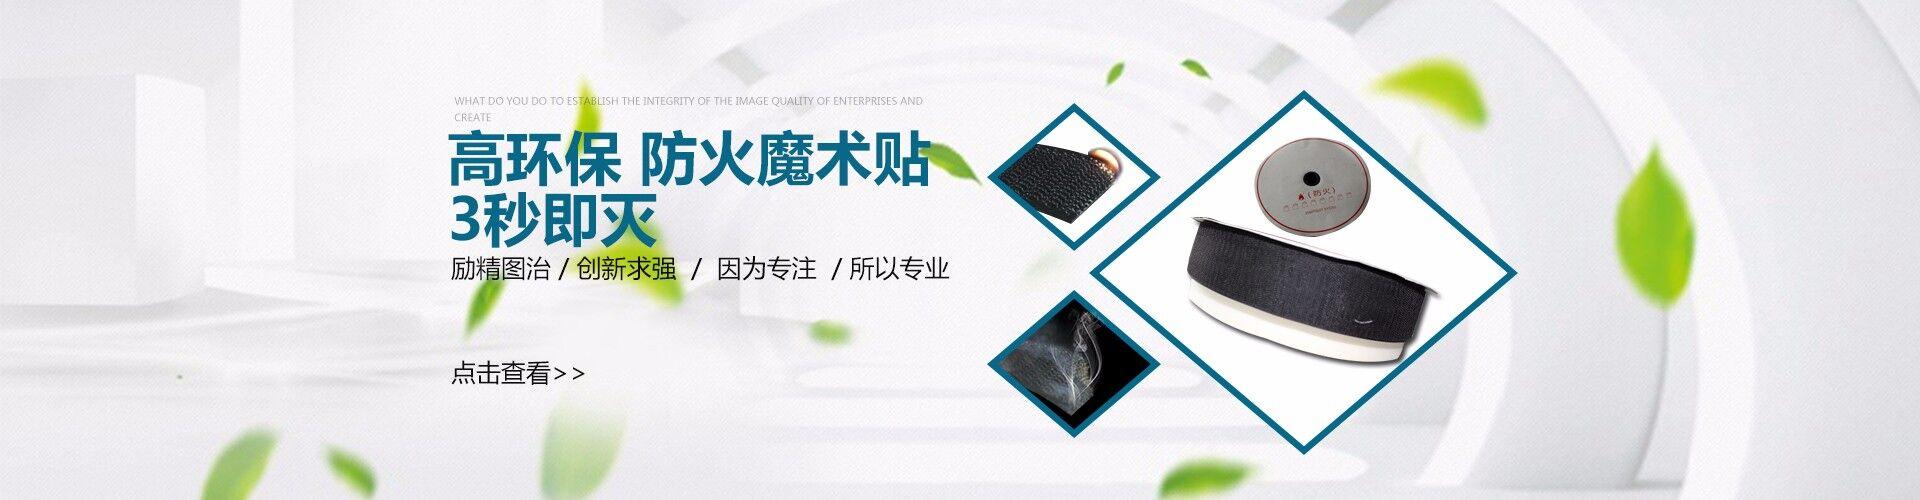 深圳市鸿益织带有限公司